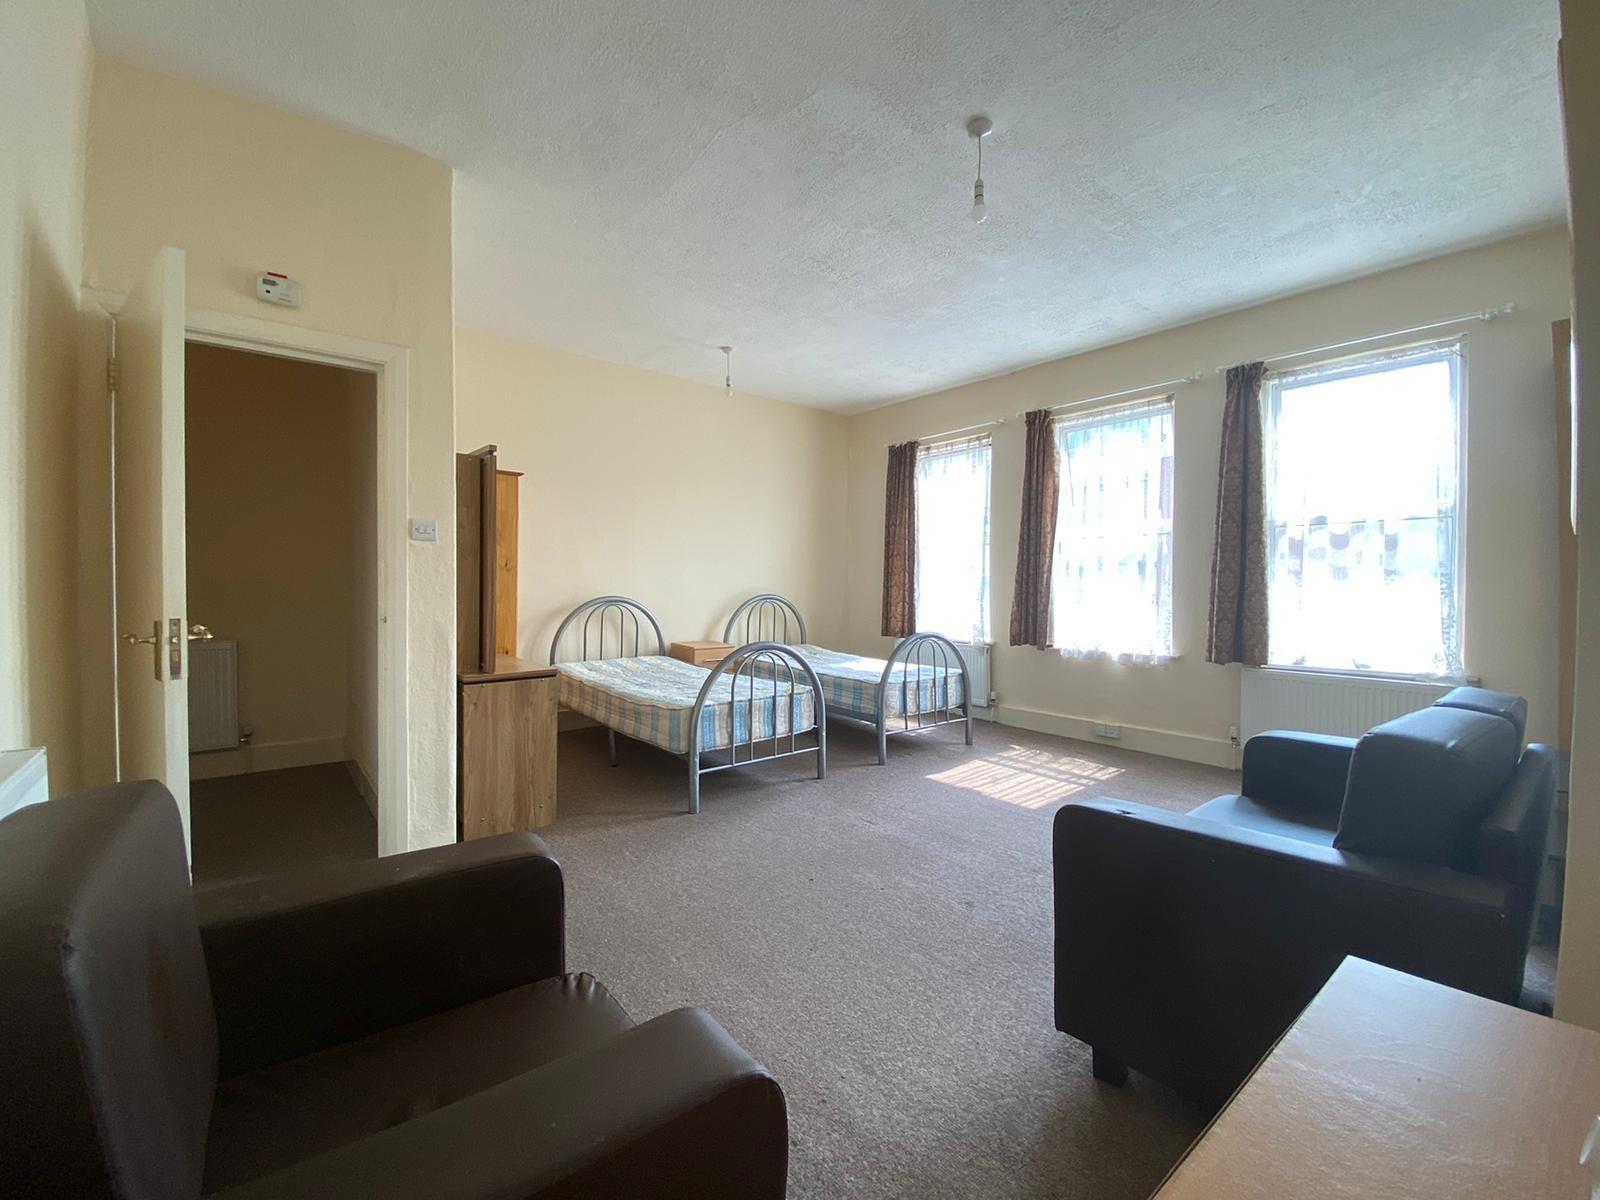 1 bedroom studio flat/apartment To Let in Kilburn - Big double bedroom